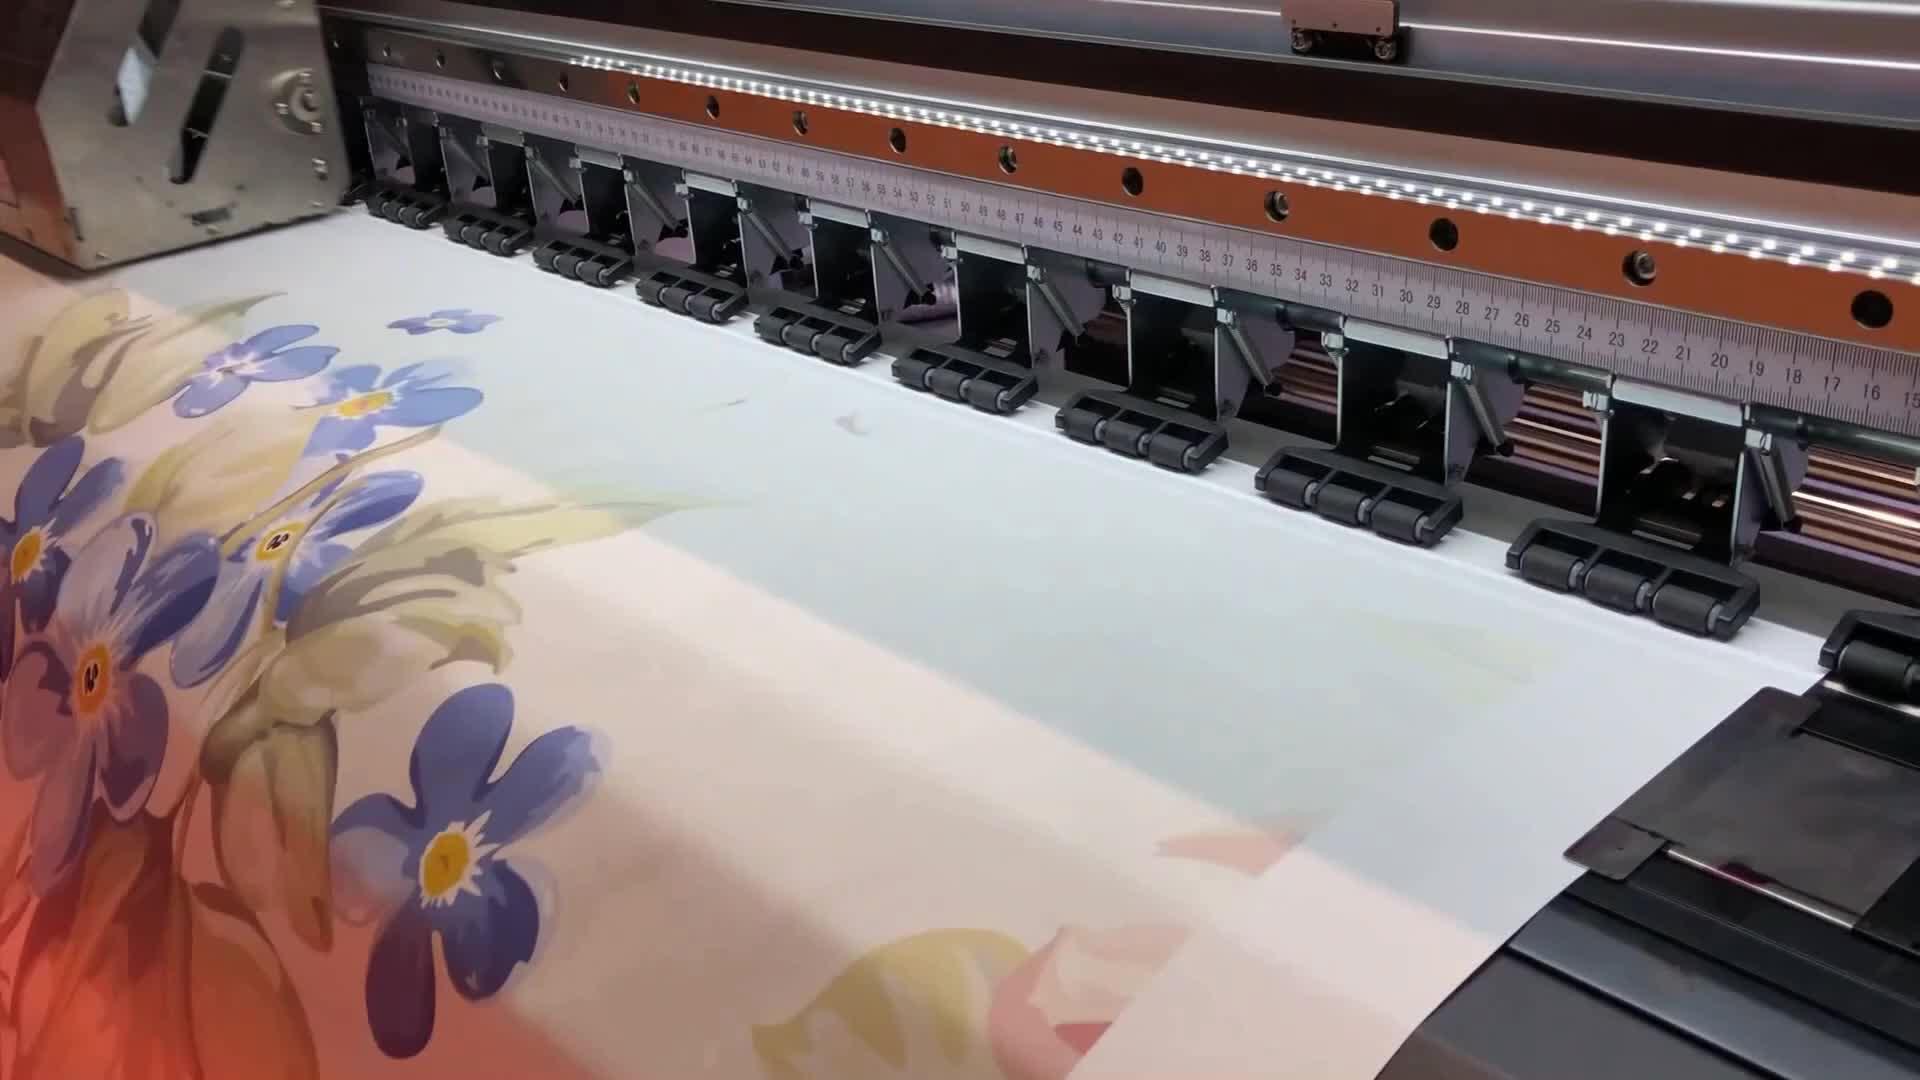 ที่ดีที่สุดราคาเครื่องพิมพ์ระเหิดสำหรับ lanyard WJ-740C